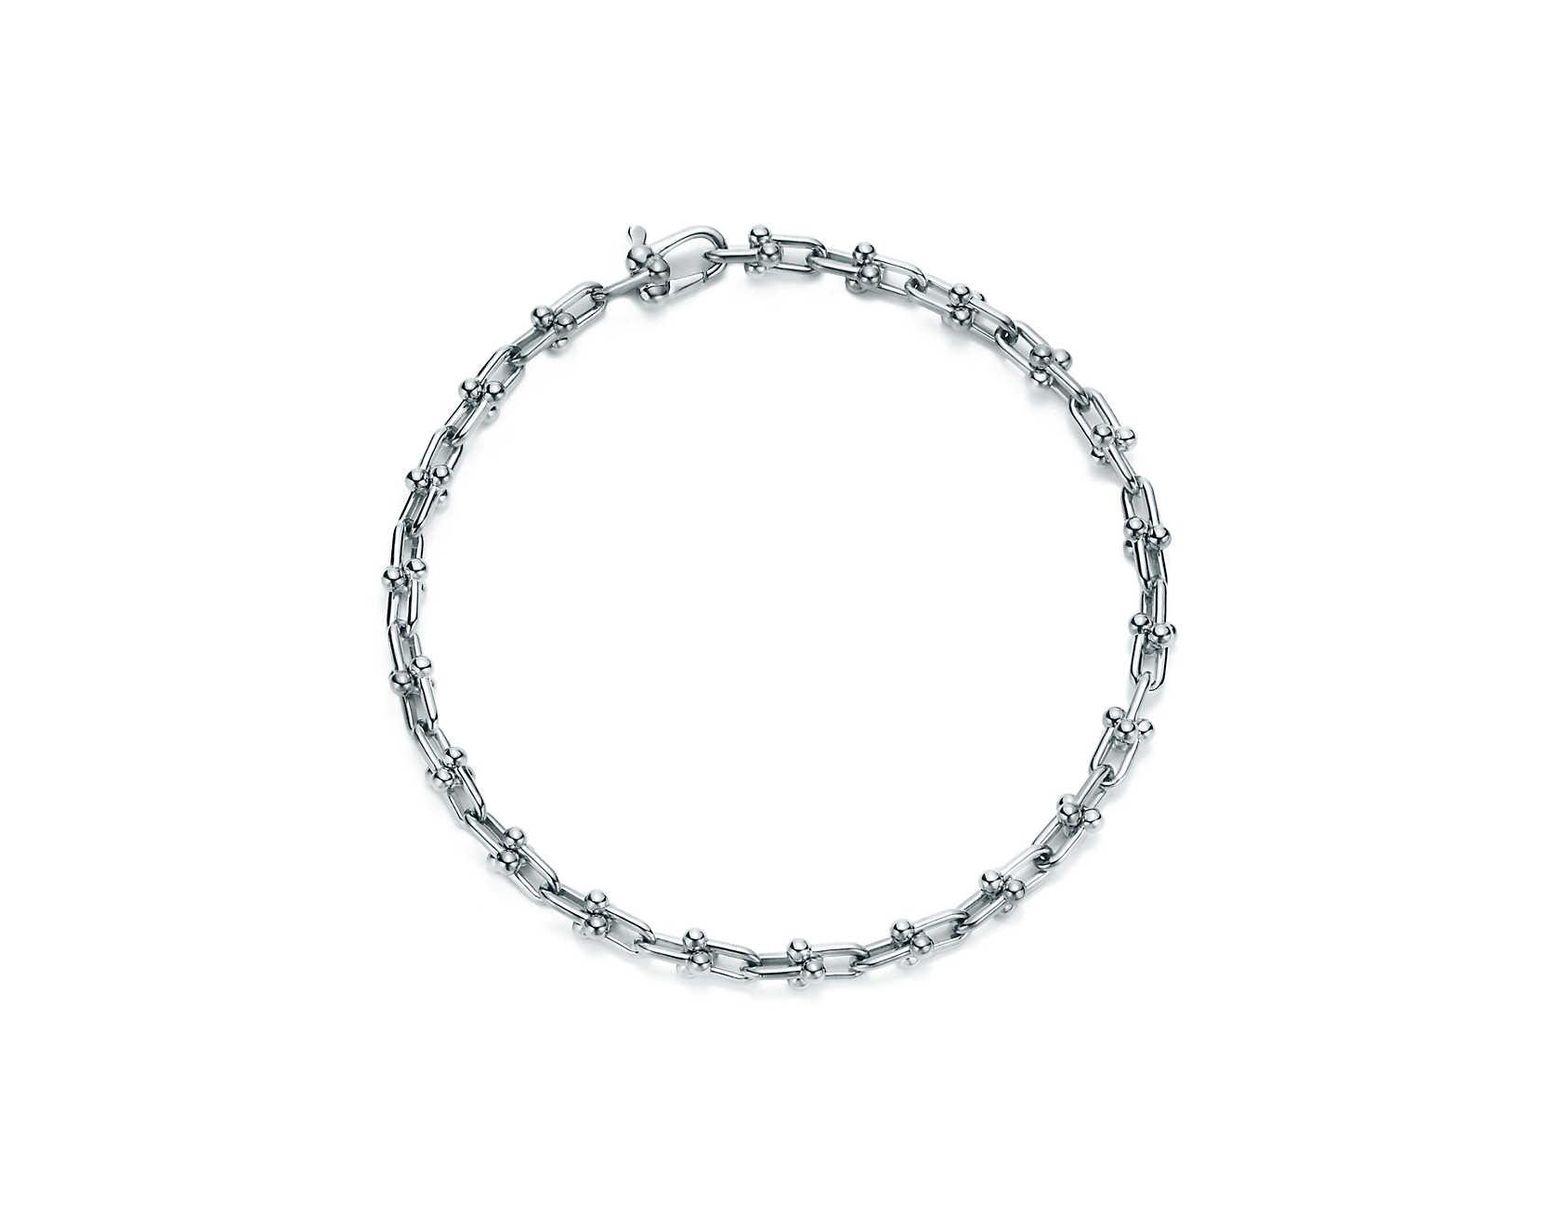 e7da2c6ba18 Tiffany & Co. Tiffany City Hardwear Micro Link Bracelet In Sterling Silver,  Medium in Metallic - Lyst